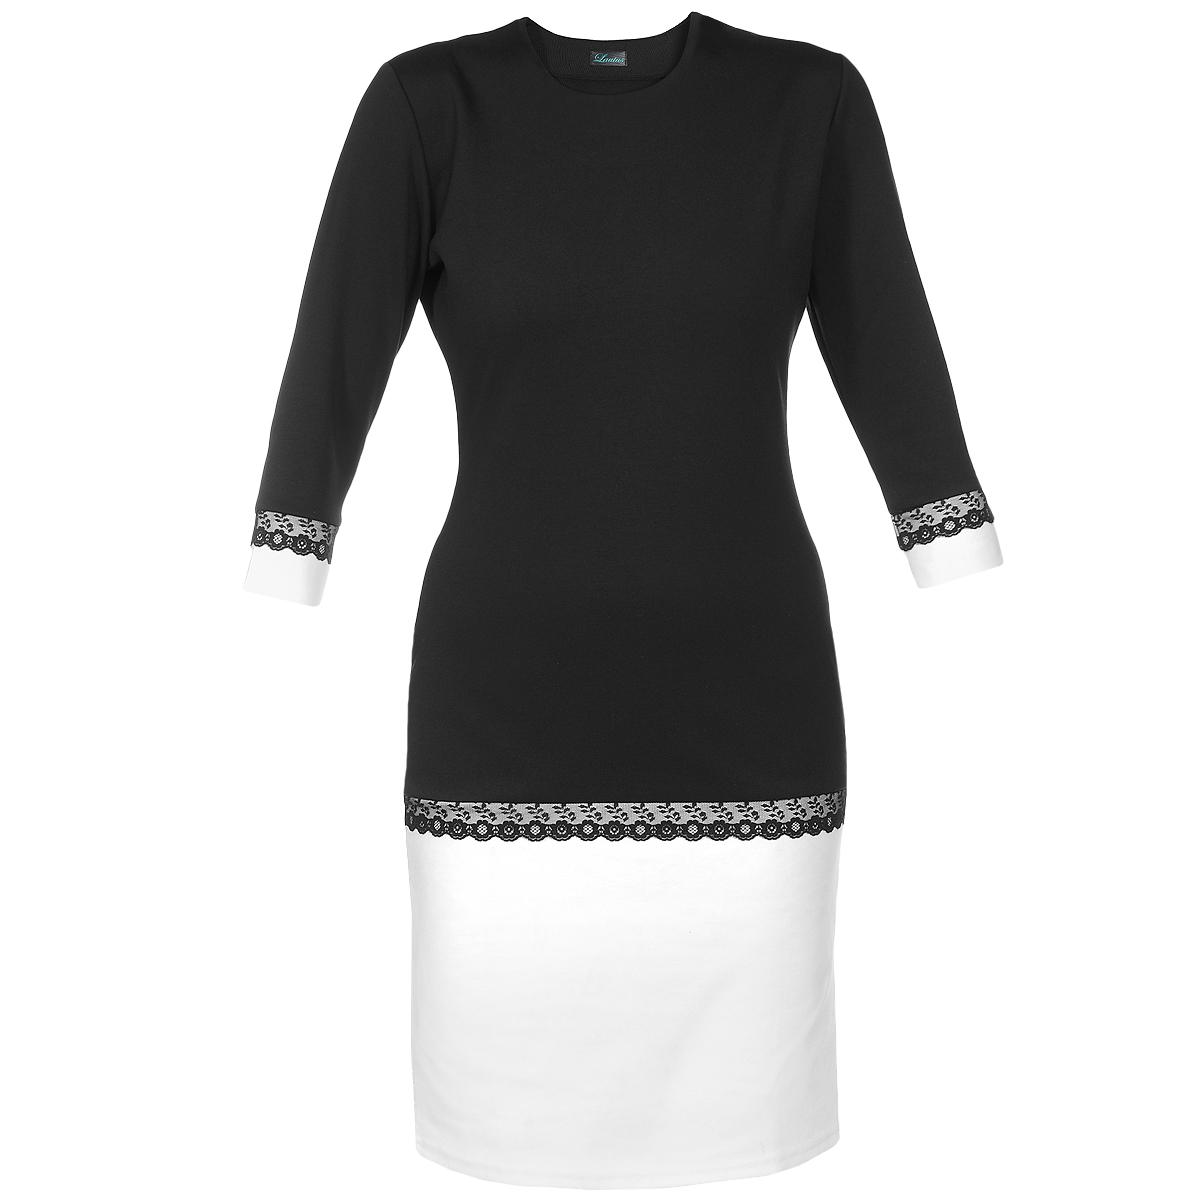 Платье Lautus, цвет: черный, белый. 536. Размер 44536Очаровательное платье Lautus приталенного силуэта, изготовленное из высококачественного полиэстера, придется по душе любой моднице. Круглый вырез горловины привлечет внимание к зоне декольте. Втачные рукава 3/4 дополнены контрастными манжетами. Низ платья акцентирован широкой вставкой из контрастной ткани. Рукава и низ платья декорированы кружевной тесьмой, что добавит изюминку в ваш образ. Лаконичный фасон платья обратит внимание на отличное чувство стиля. Платье станет отличным вариантом для работы в офисе, а дополнив модель аксессуарами, вы получите отличный вариант для праздника.